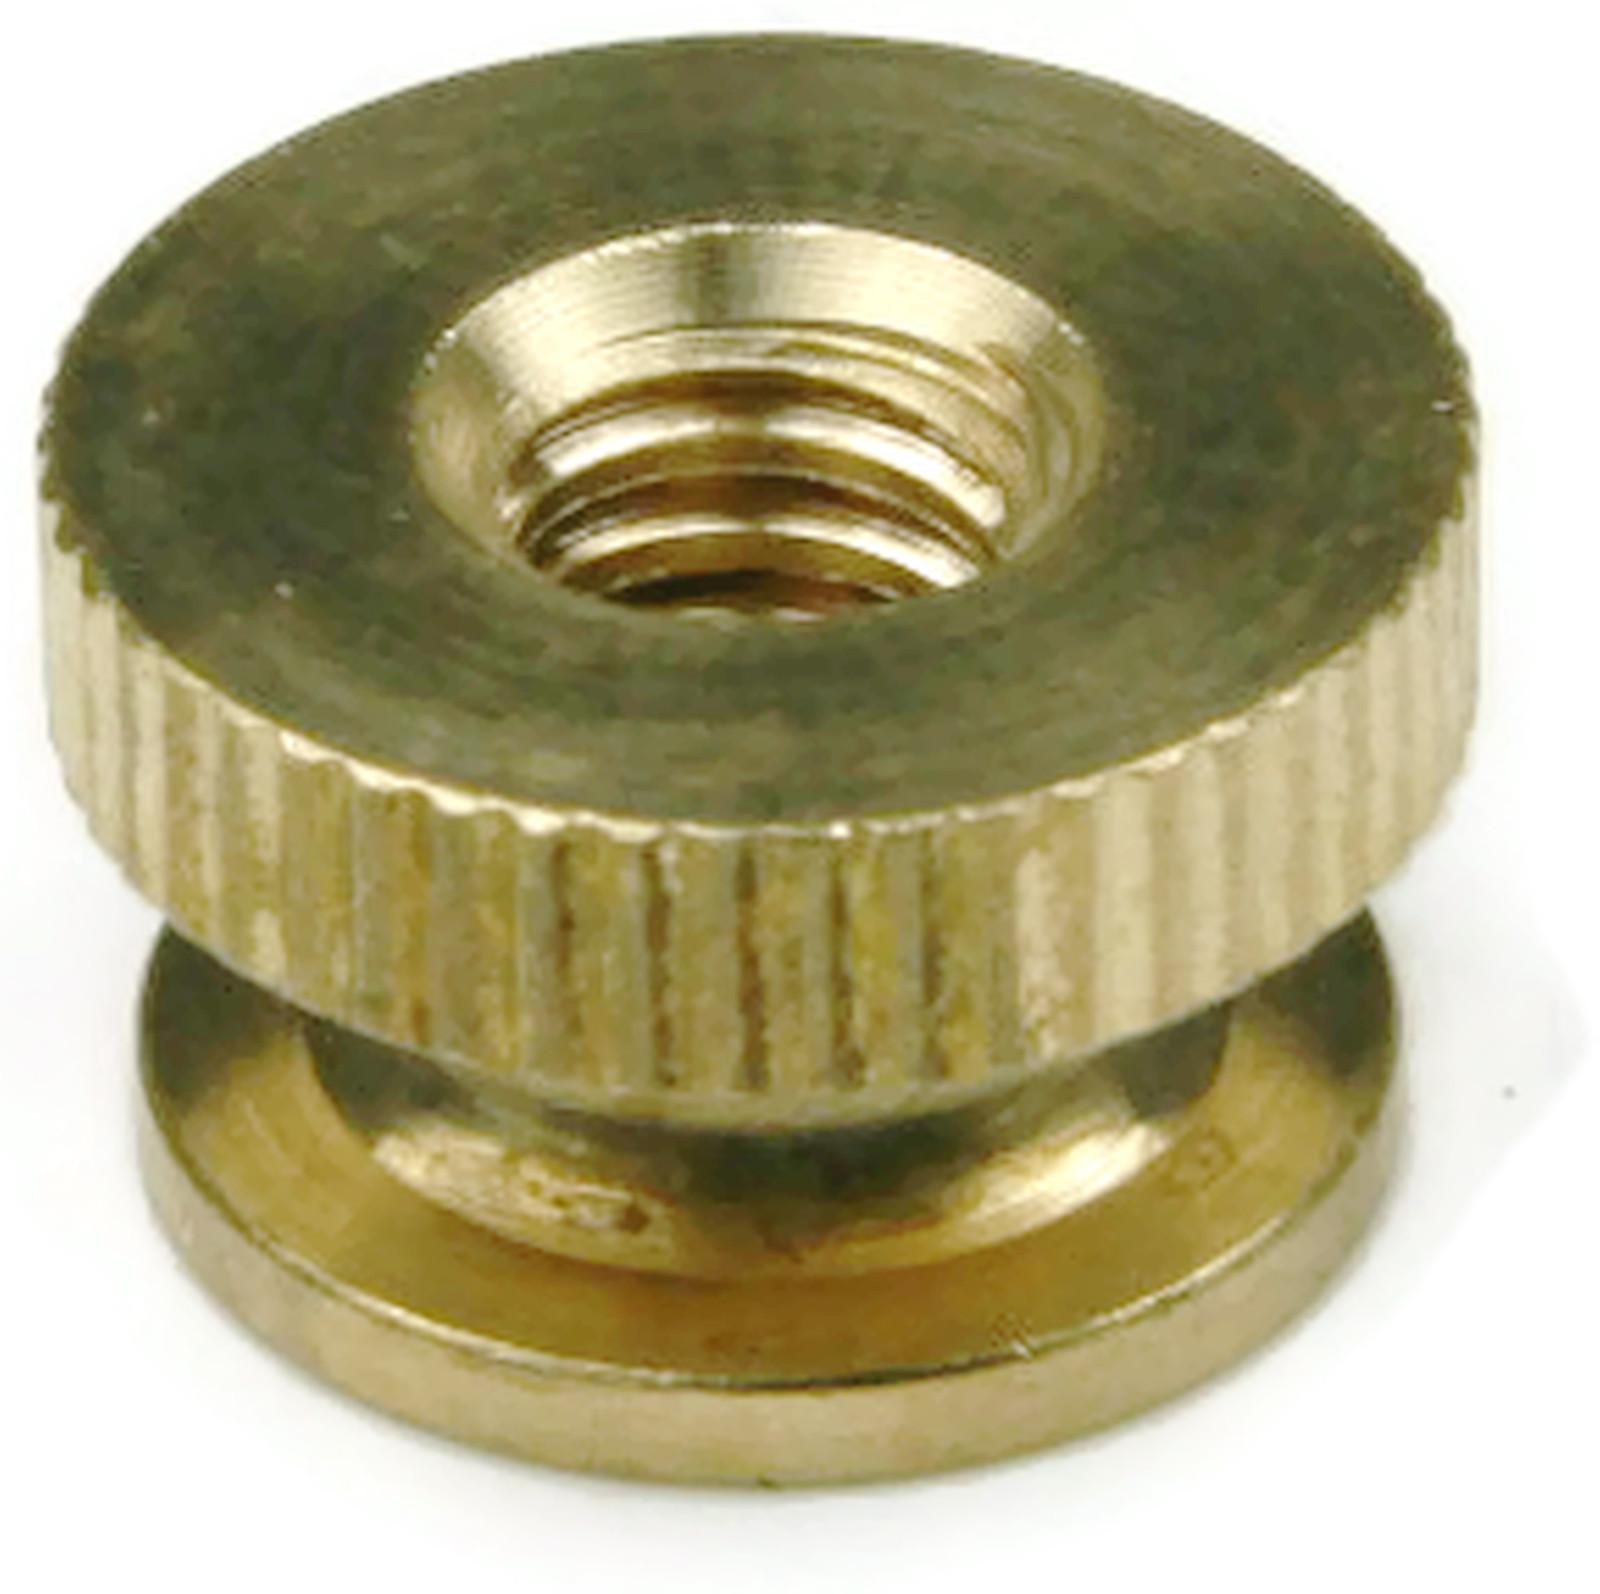 Brass Solid Knurled Thumb Nut Unc 1 4 20 Qty 25 Ebay